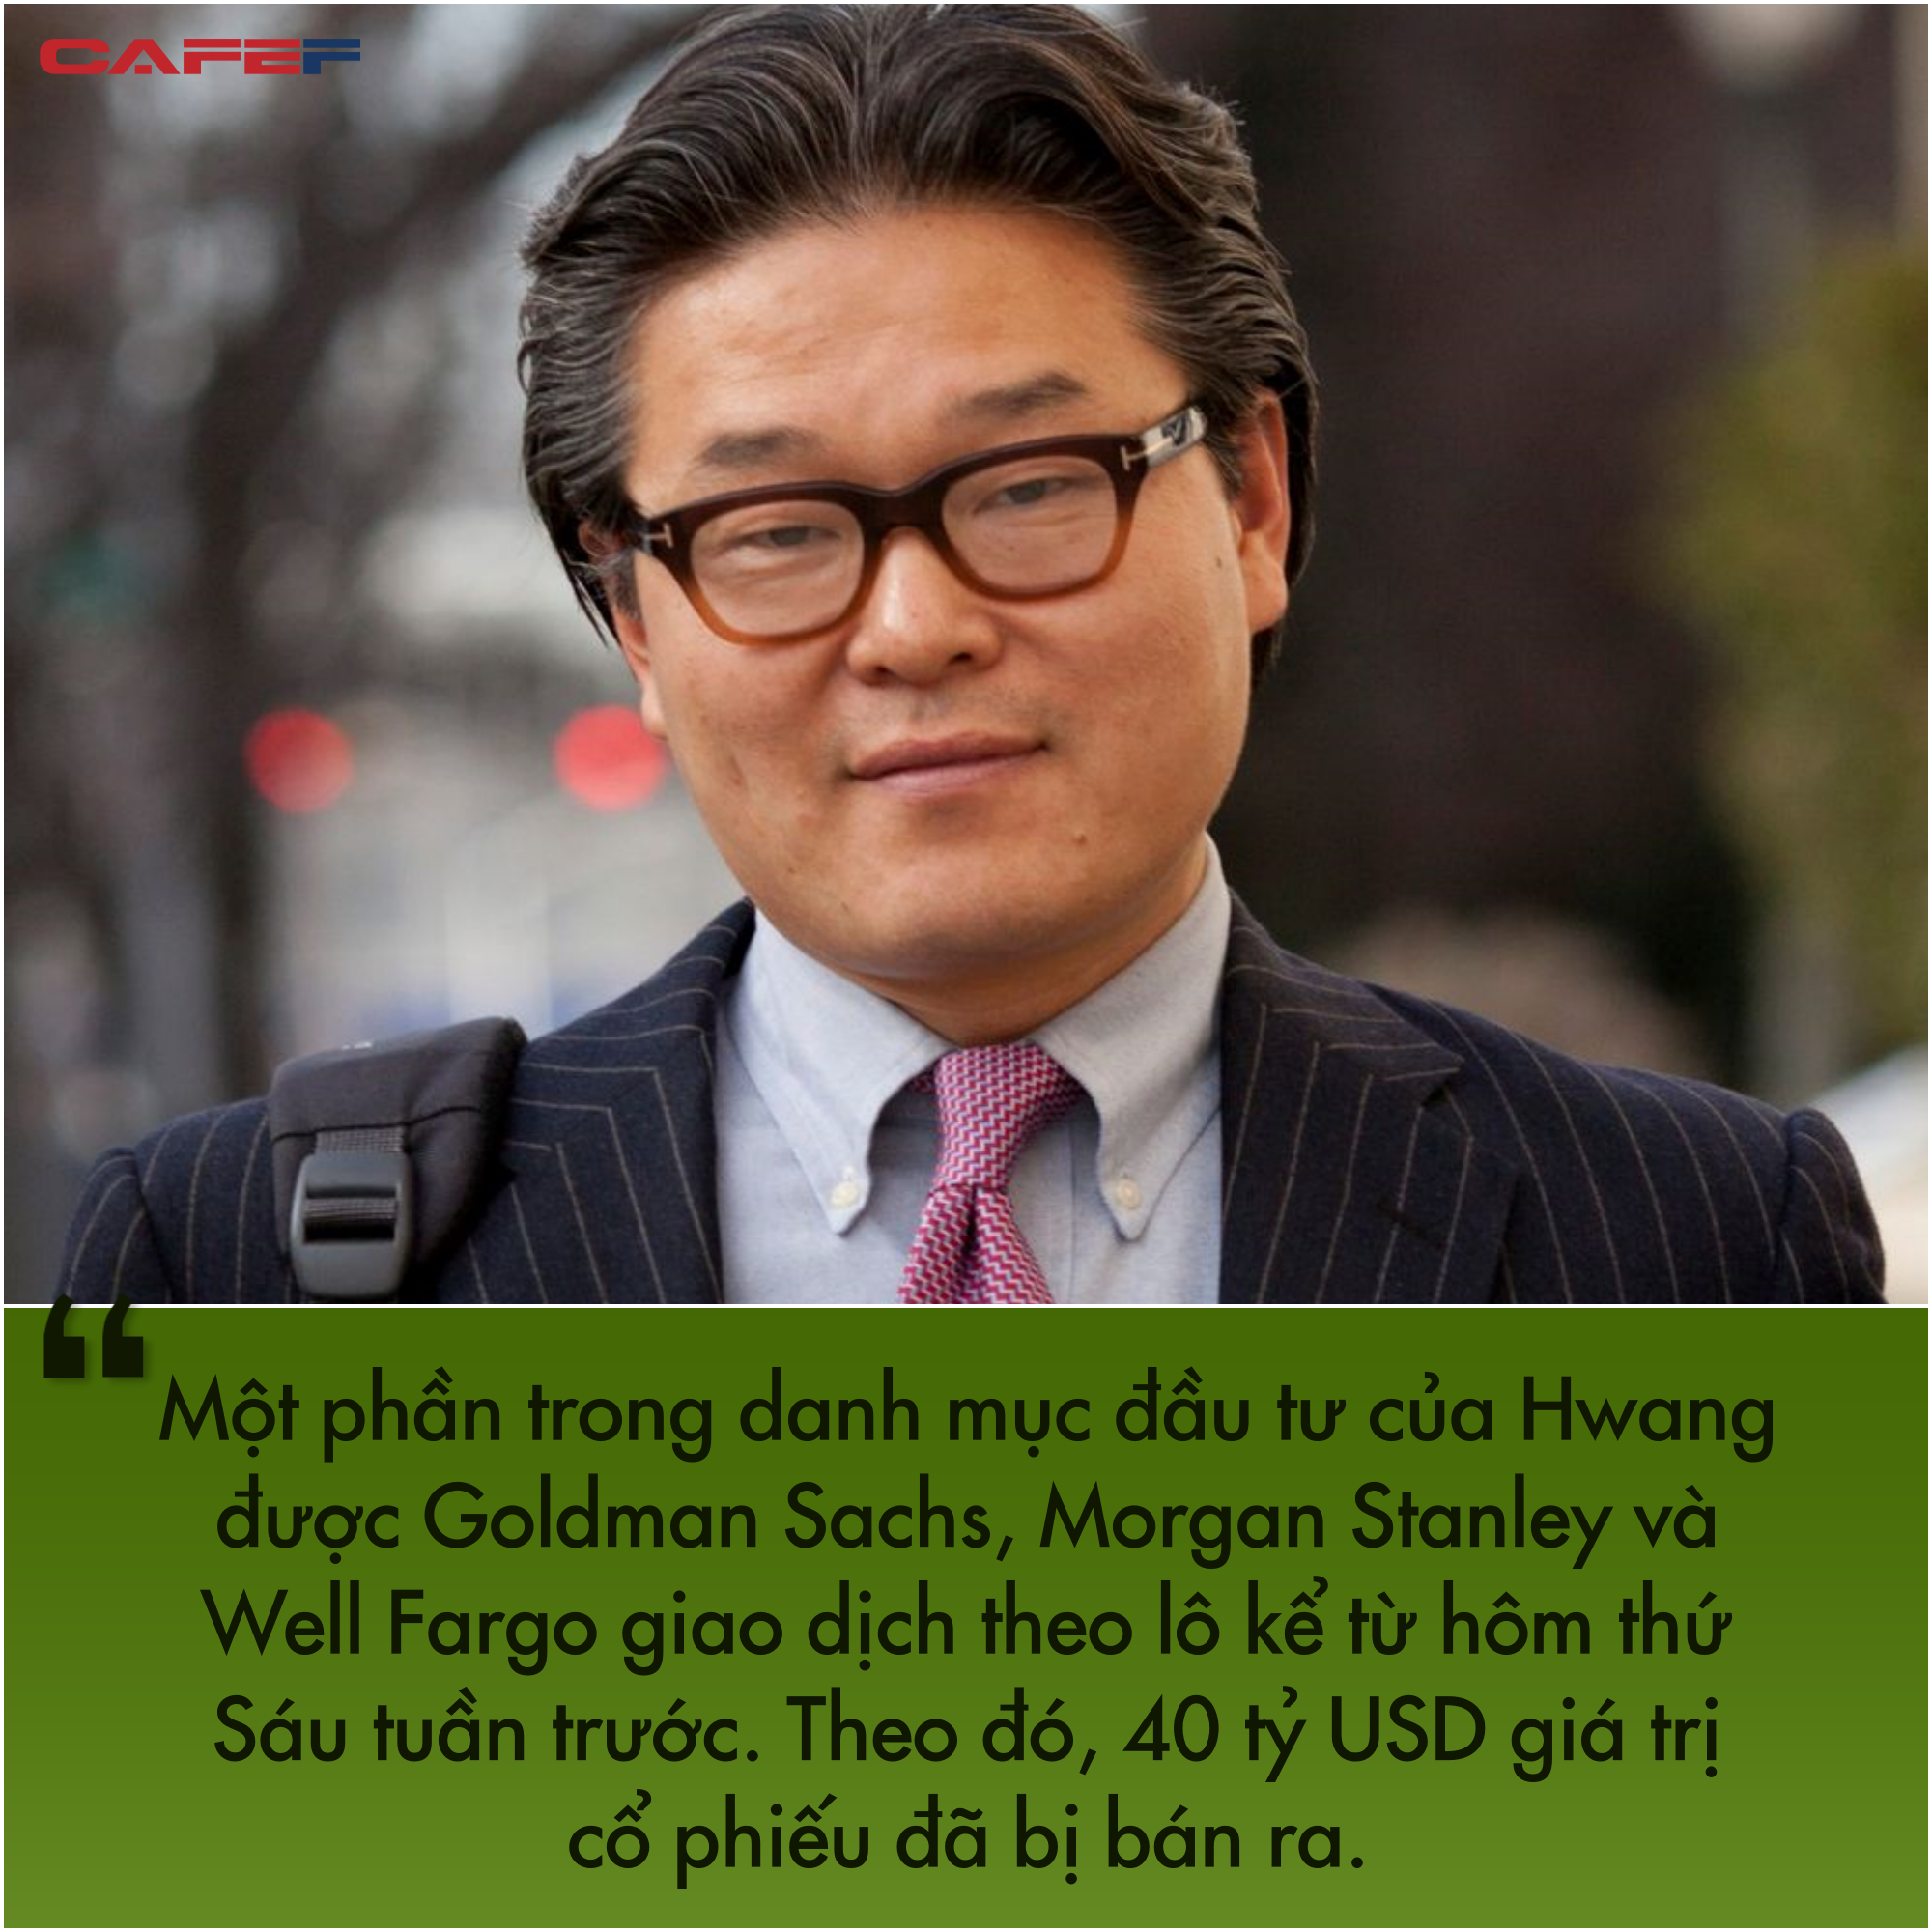 Cái kết của vụ margin call lớn nhất lịch sử Phố Wall: Khối tài sản trăm tỷ đô bị xóa sạch chỉ trong vài ngày   - Ảnh 2.